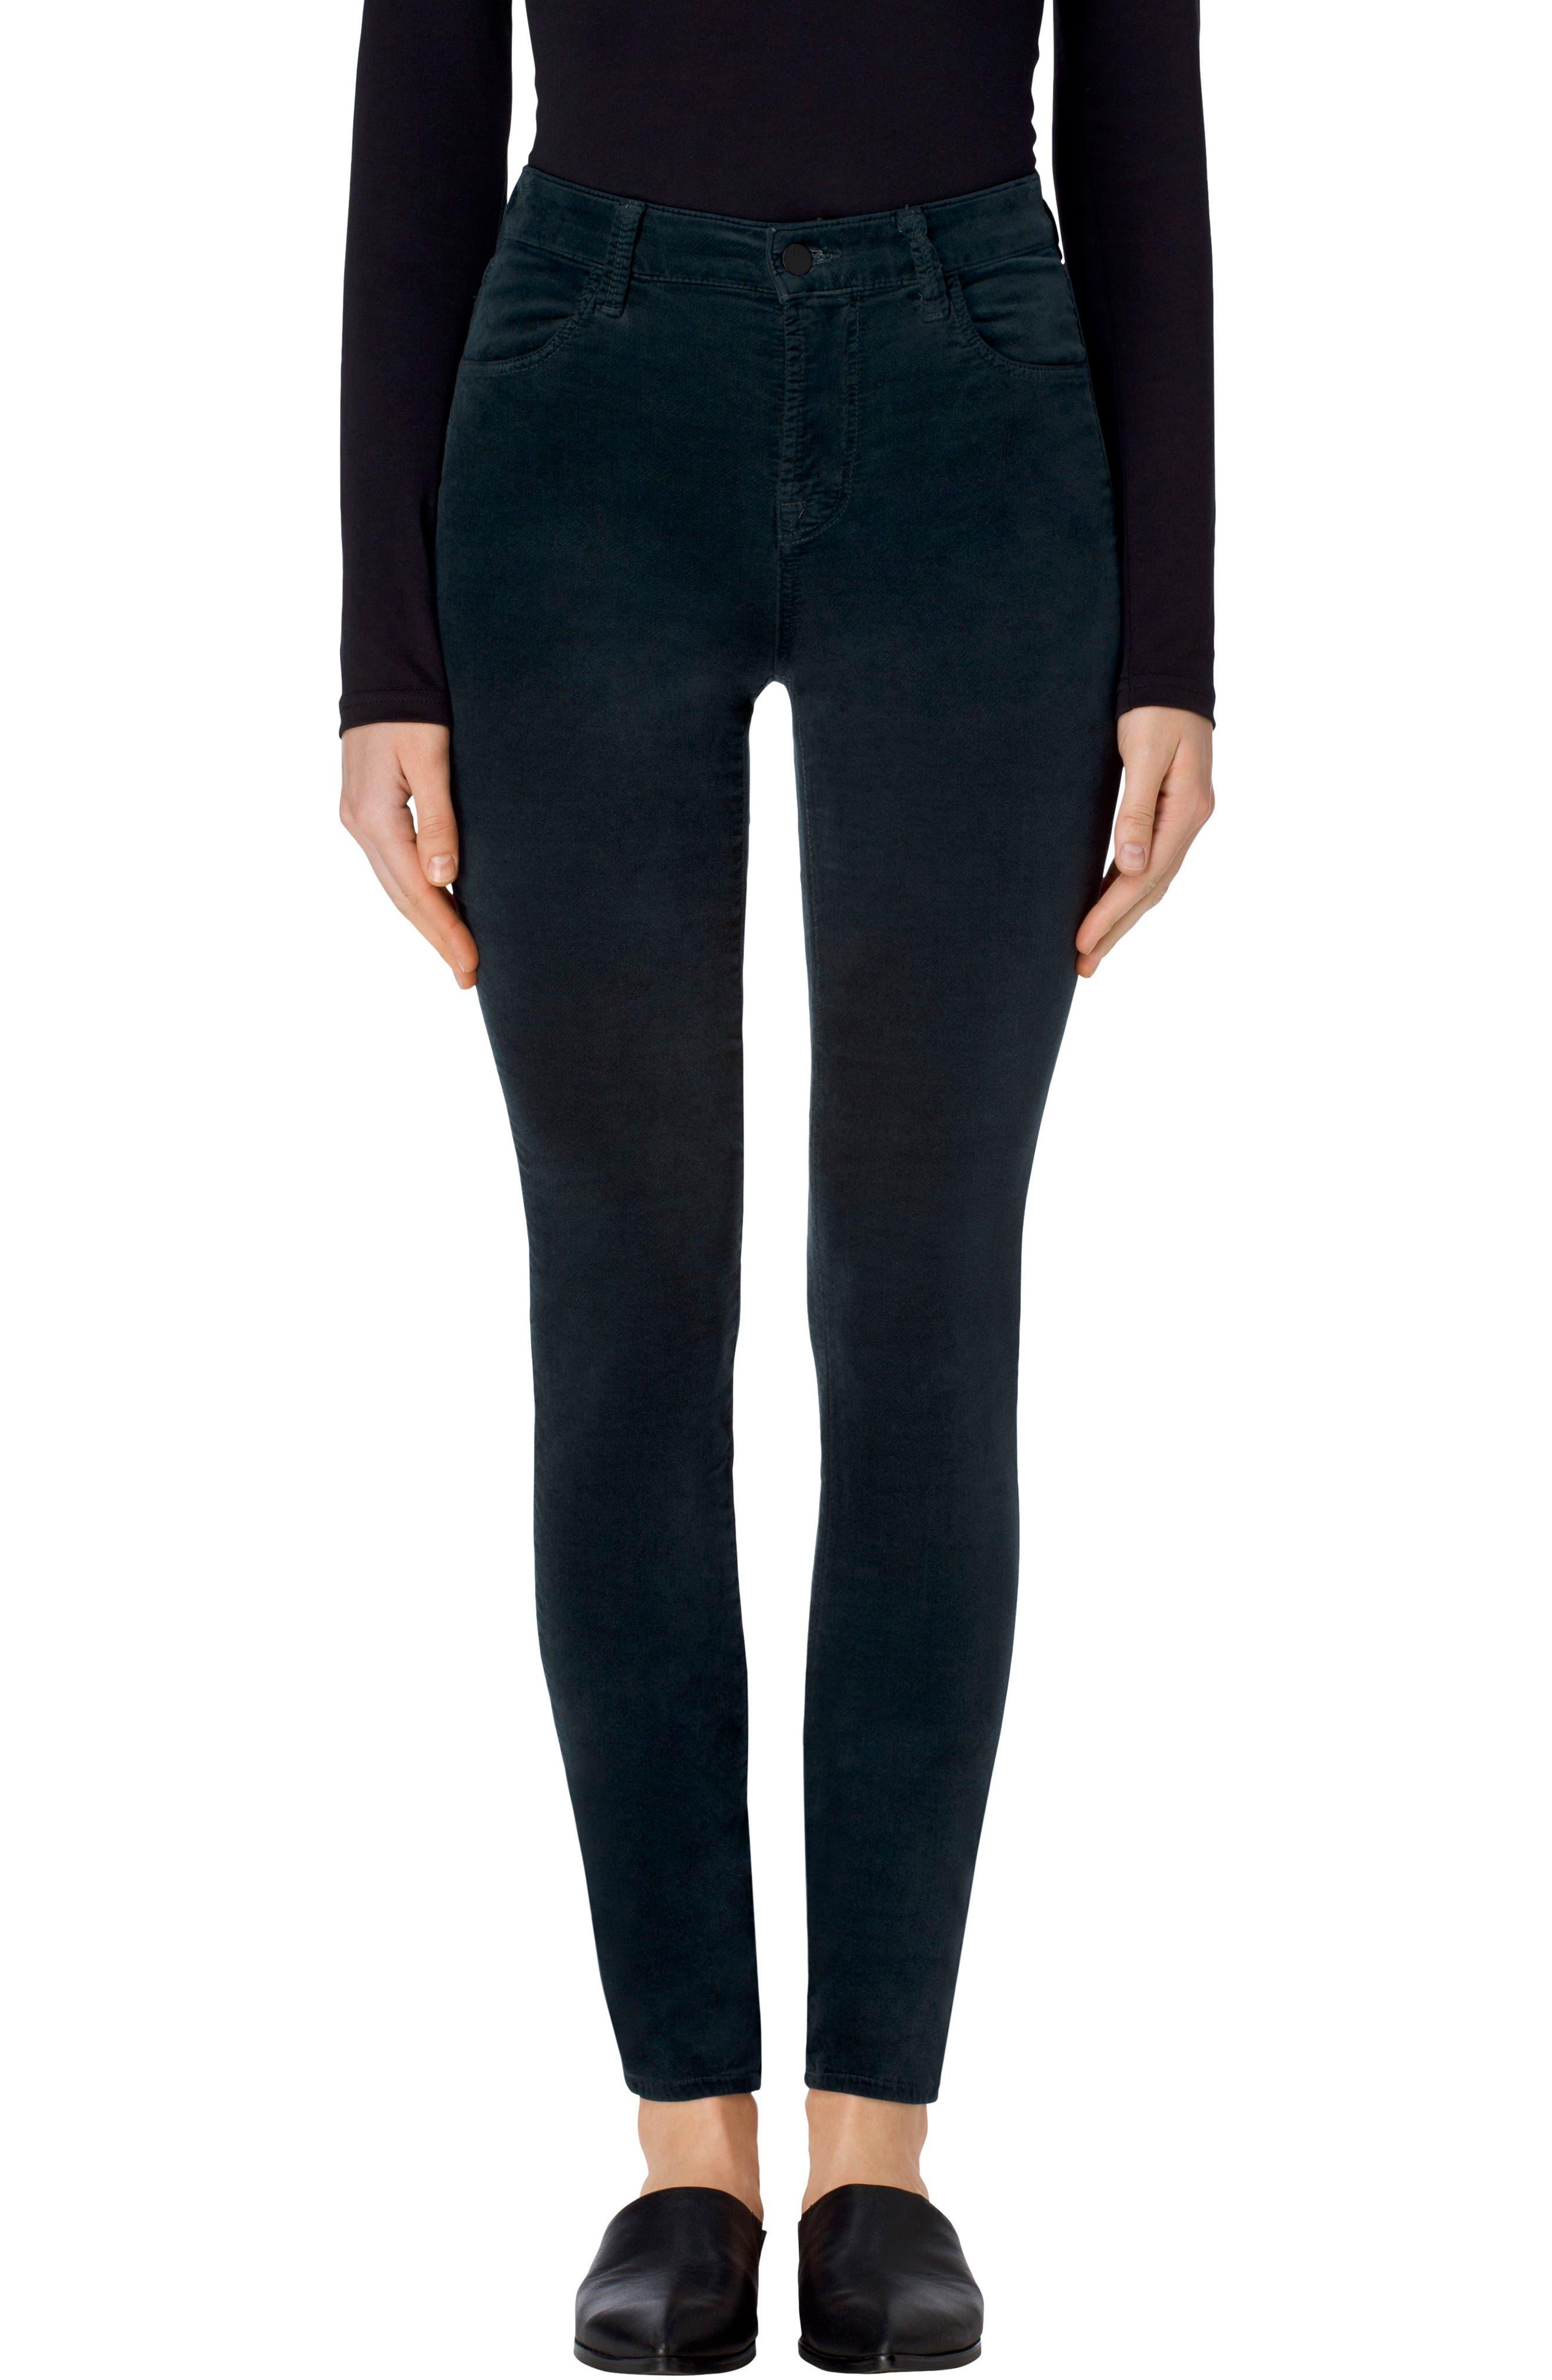 Maria High Waist Velvet Skinny Jeans,                         Main,                         color, Moorland